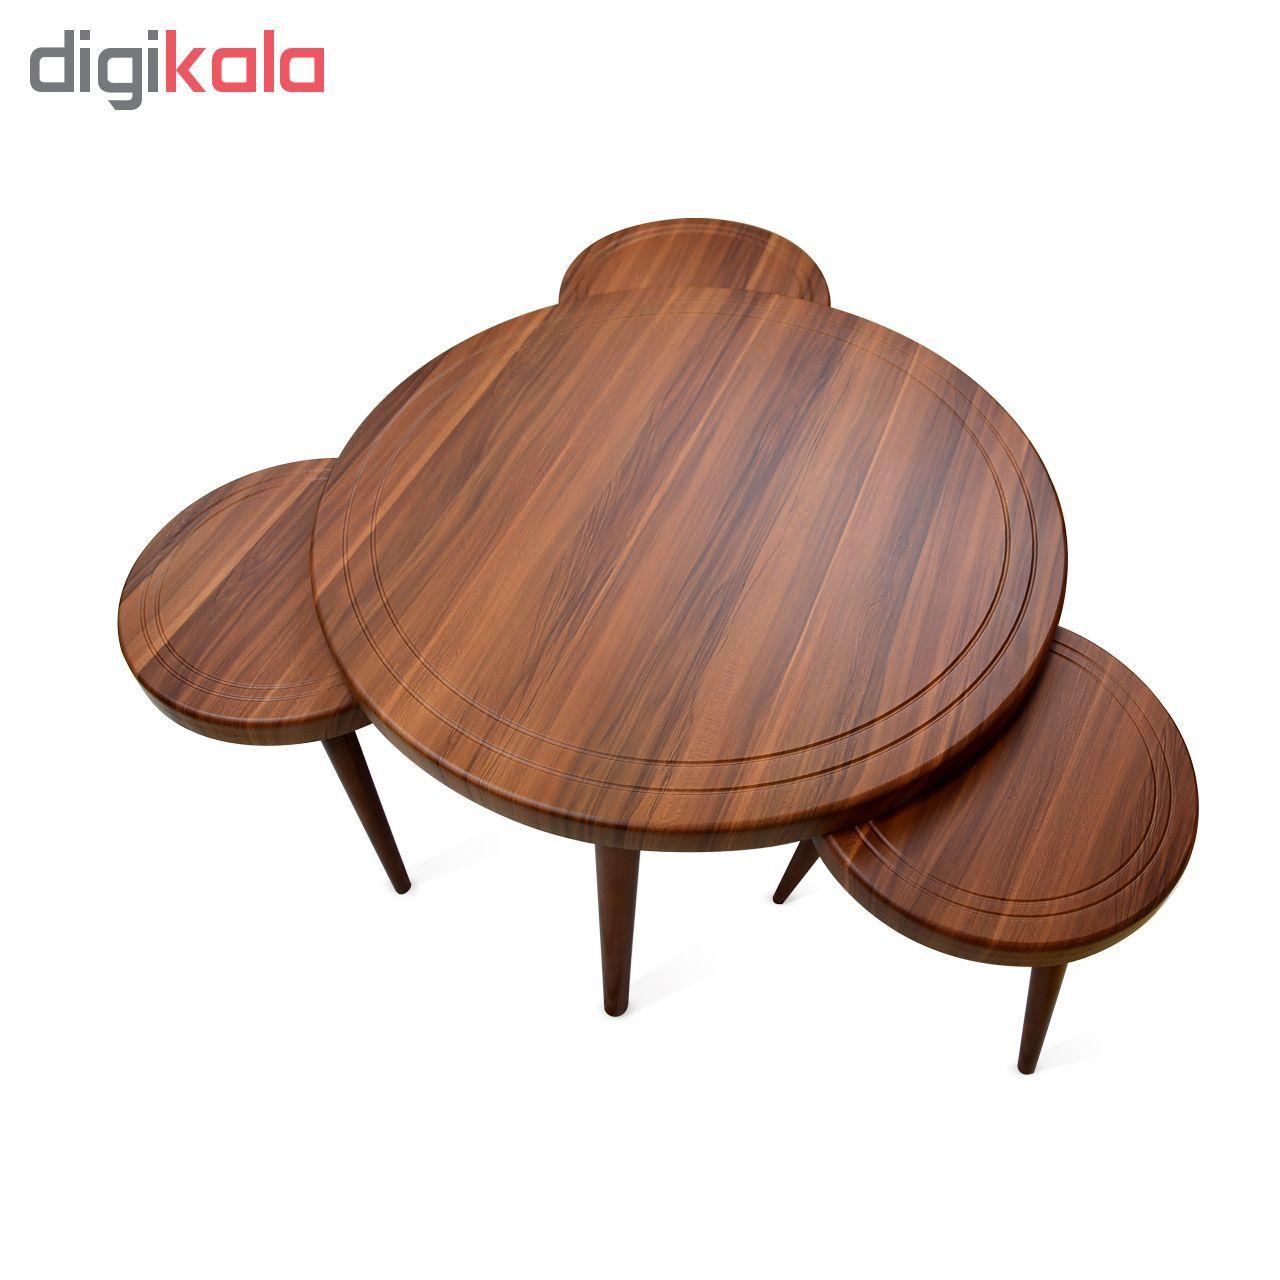 میز جلو مبلی و عسلی ویانا مدل کلاسیک کد 117GH مجموعه 4 عددی main 1 2